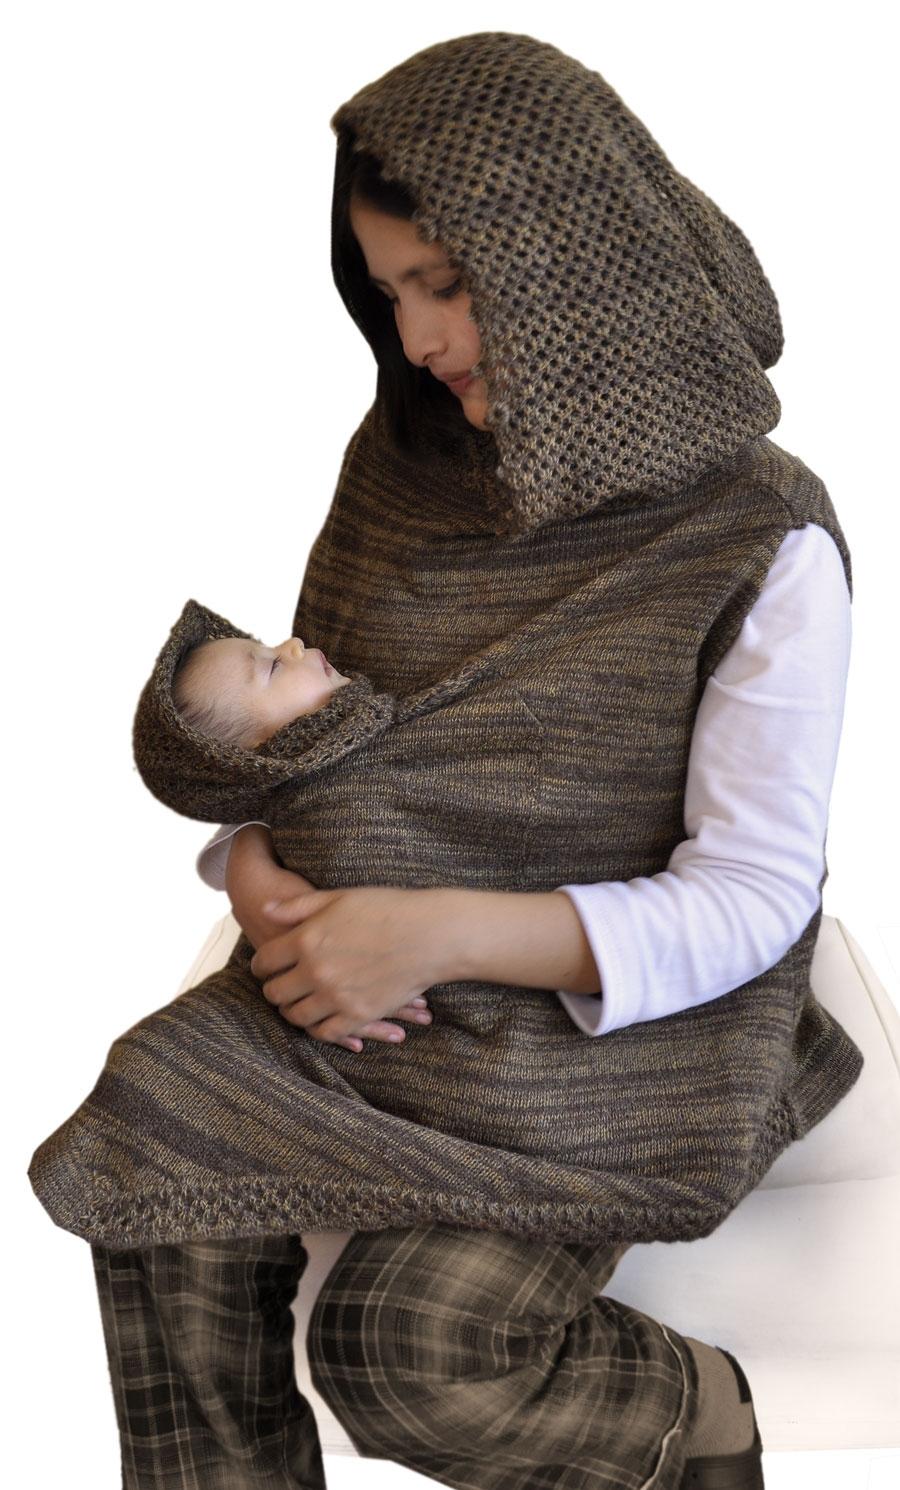 Poncho maternidad America Latina Bolivia ce4ac4bca56